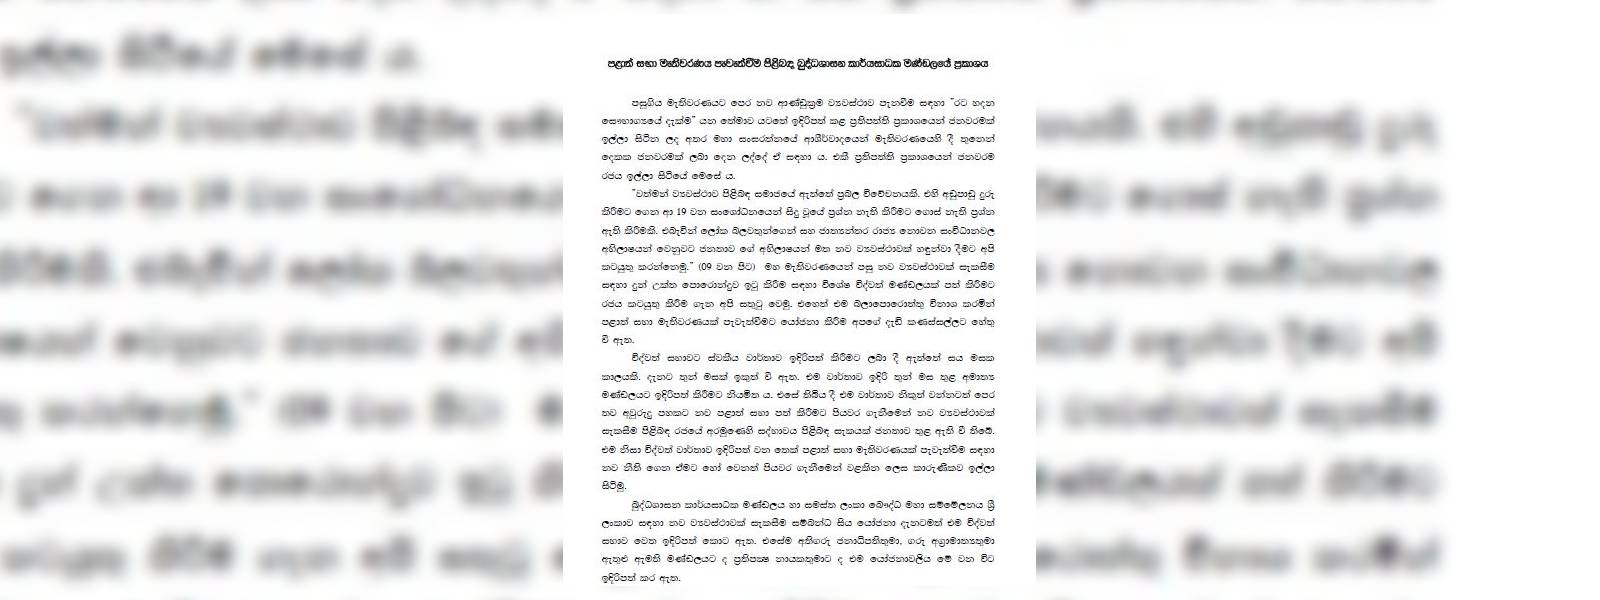 Buddha Sasana Task Force opposes holding PC elections